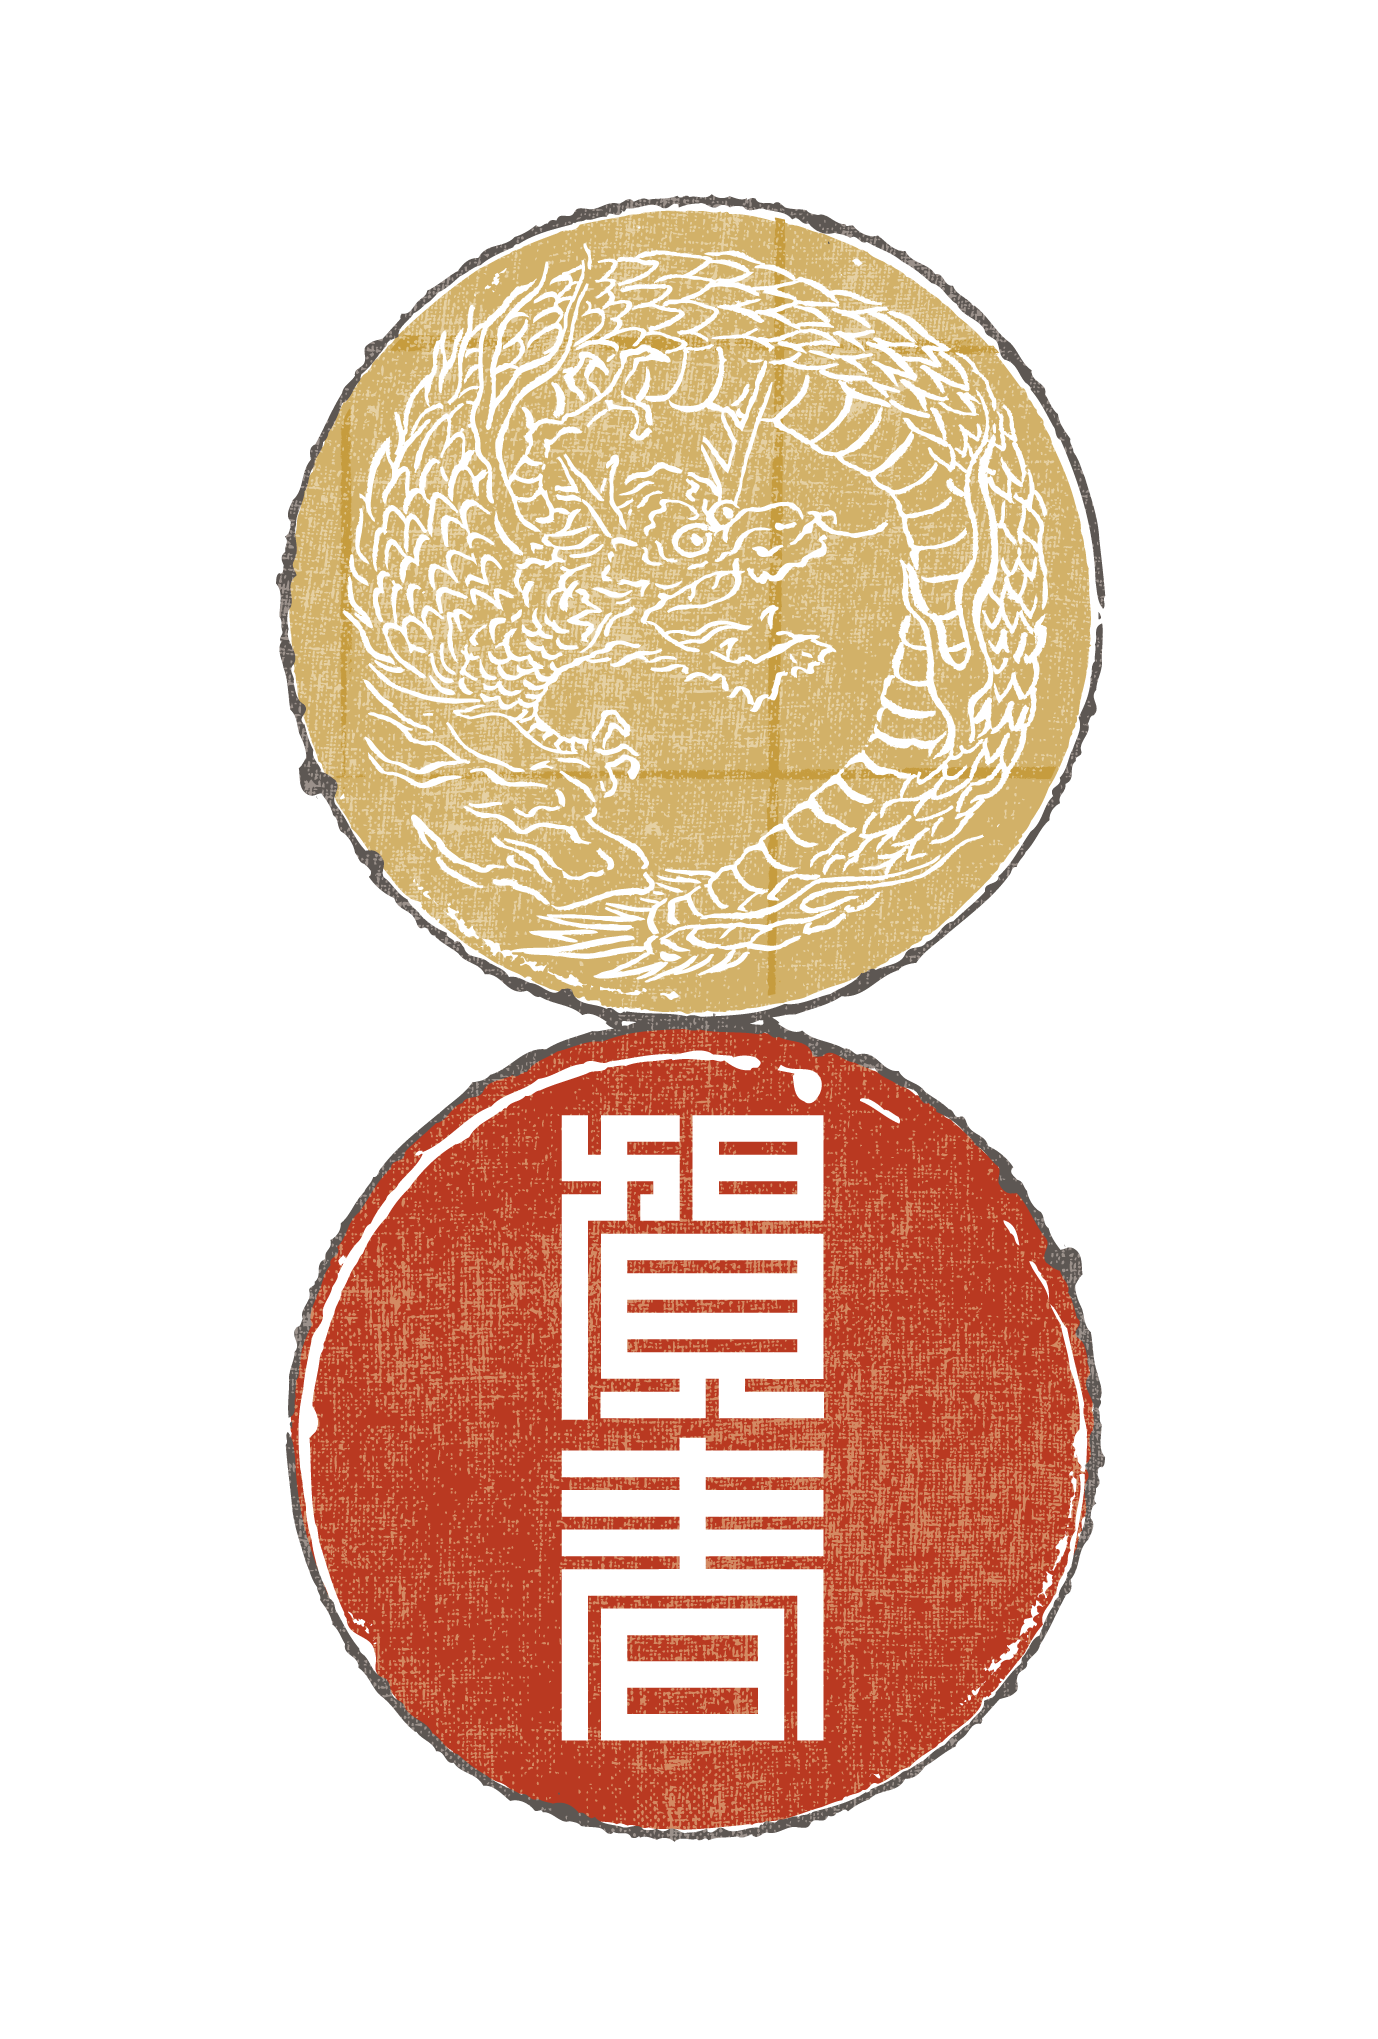 2012年賀状26:龍紋(賀春)のダウンロード画像